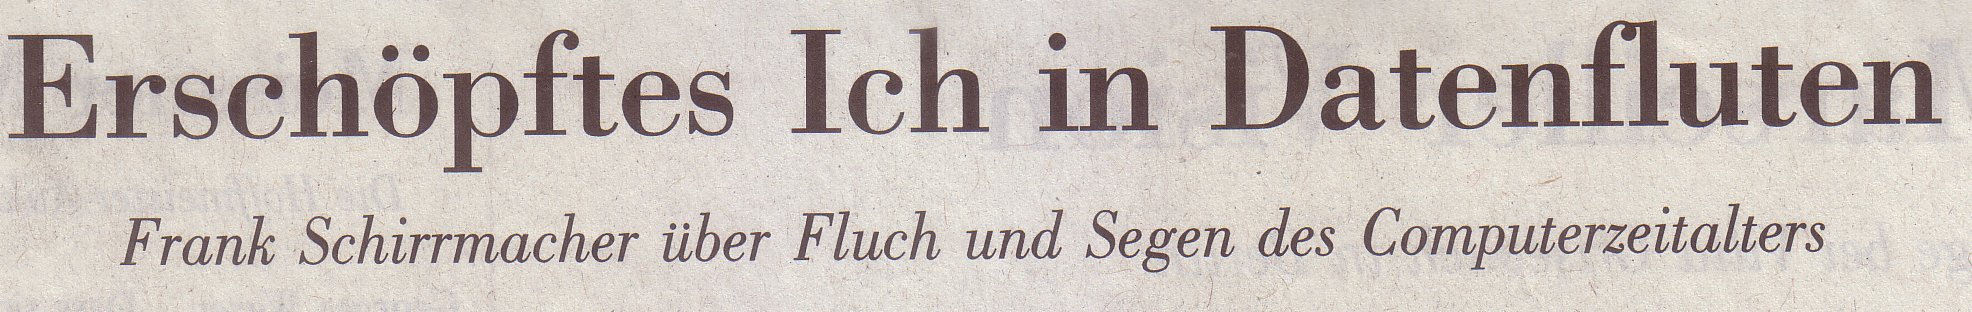 NZZ, 05.12.2009, Titel Schirrmacher-Besprechung